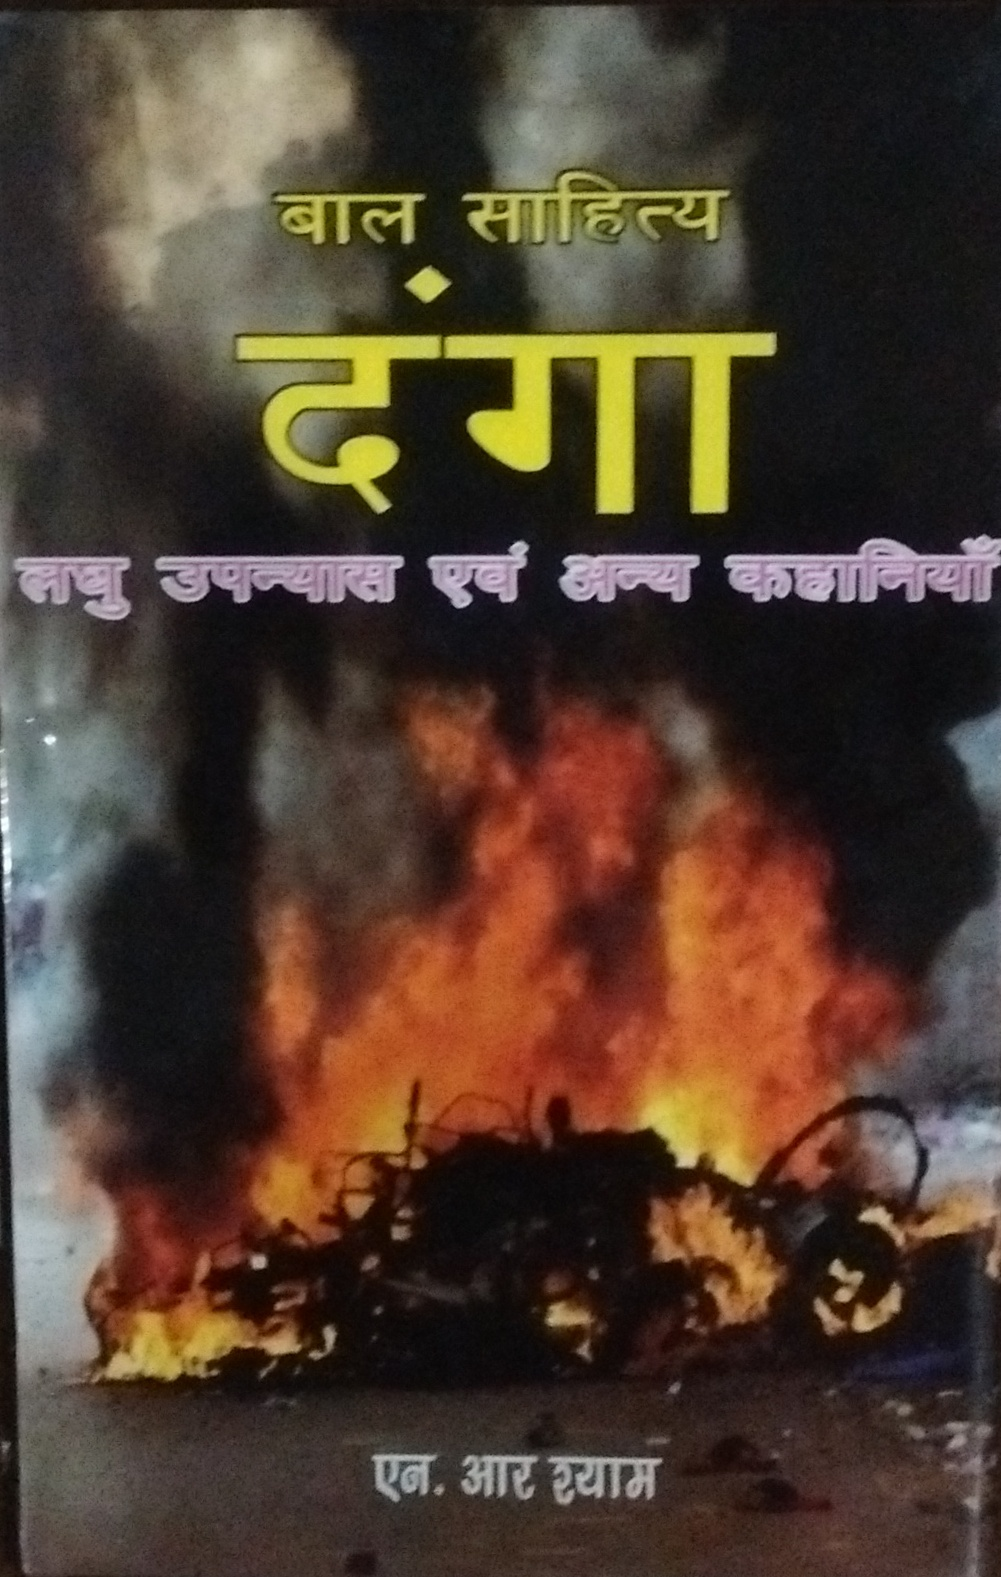 Bal Sahitya: DANGA: Laghu Upanyas evam anya Kahani…